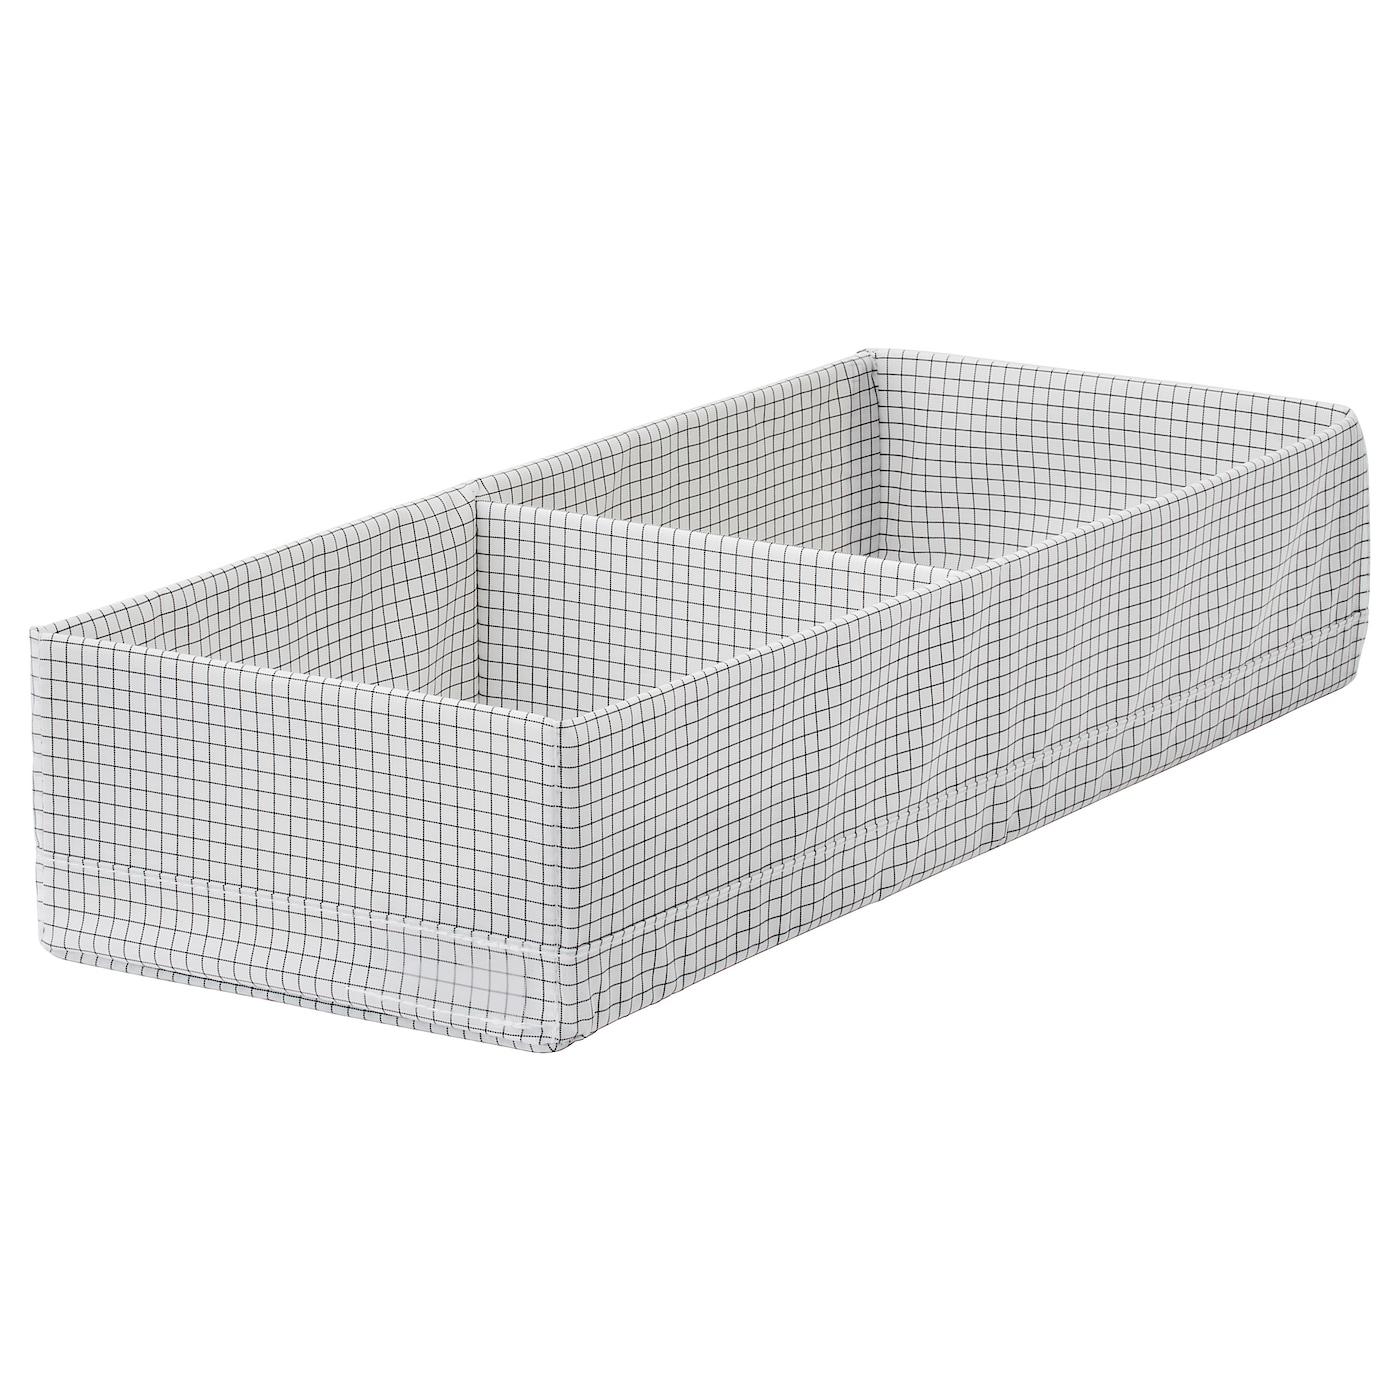 IKEA STUK Kasten mit Fächern - 51 x 20 x 10 cm